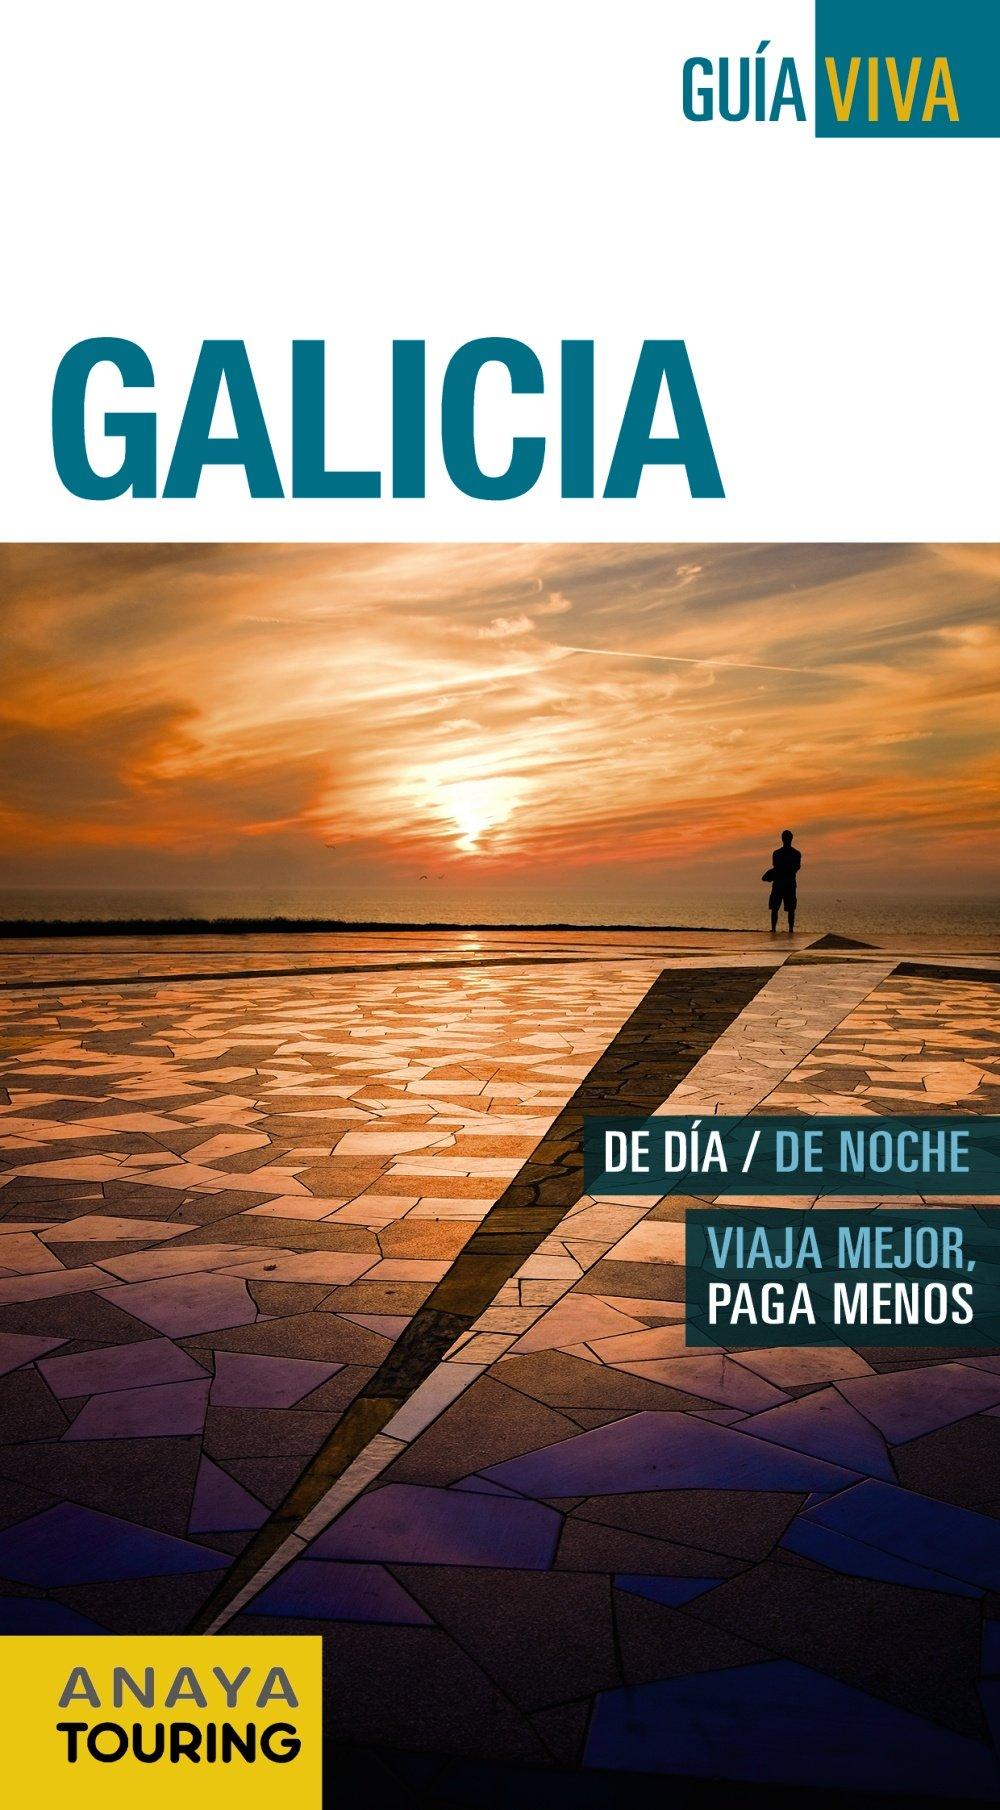 Galicia (Guía Viva - España): Amazon.es: Anaya Touring, Pombo Rodríguez, Antón: Libros